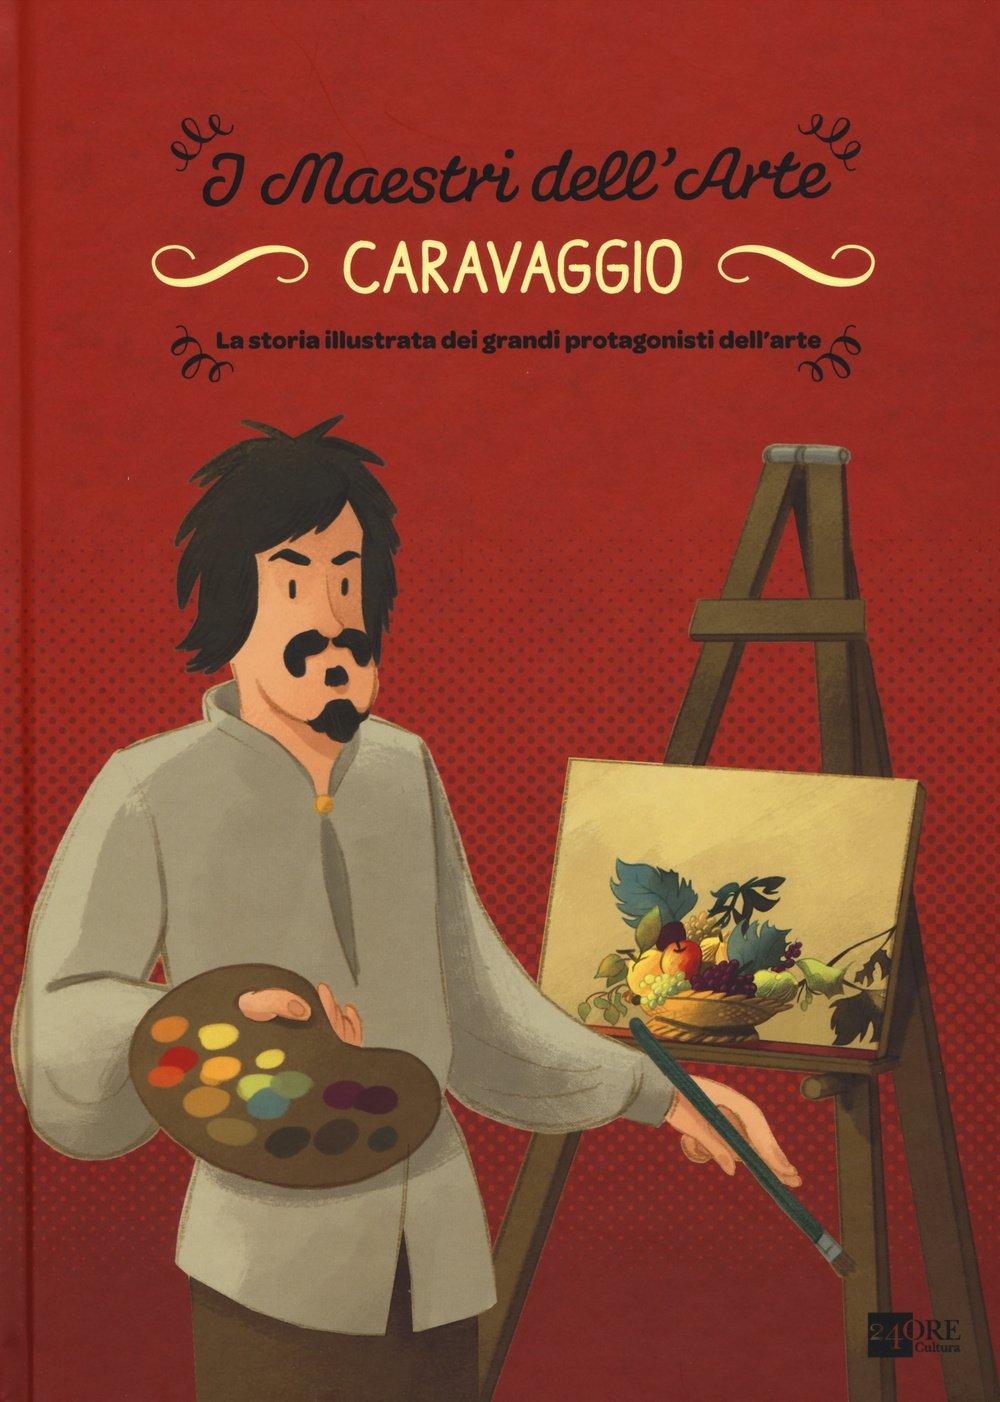 Caravaggio. La storia illustrata dei grandi protagonisti dell'arte. Ediz. illustrata Copertina rigida – 26 mar 2015 Stefano Zuffi G. Enrietto 24 Ore Cultura 8866482498